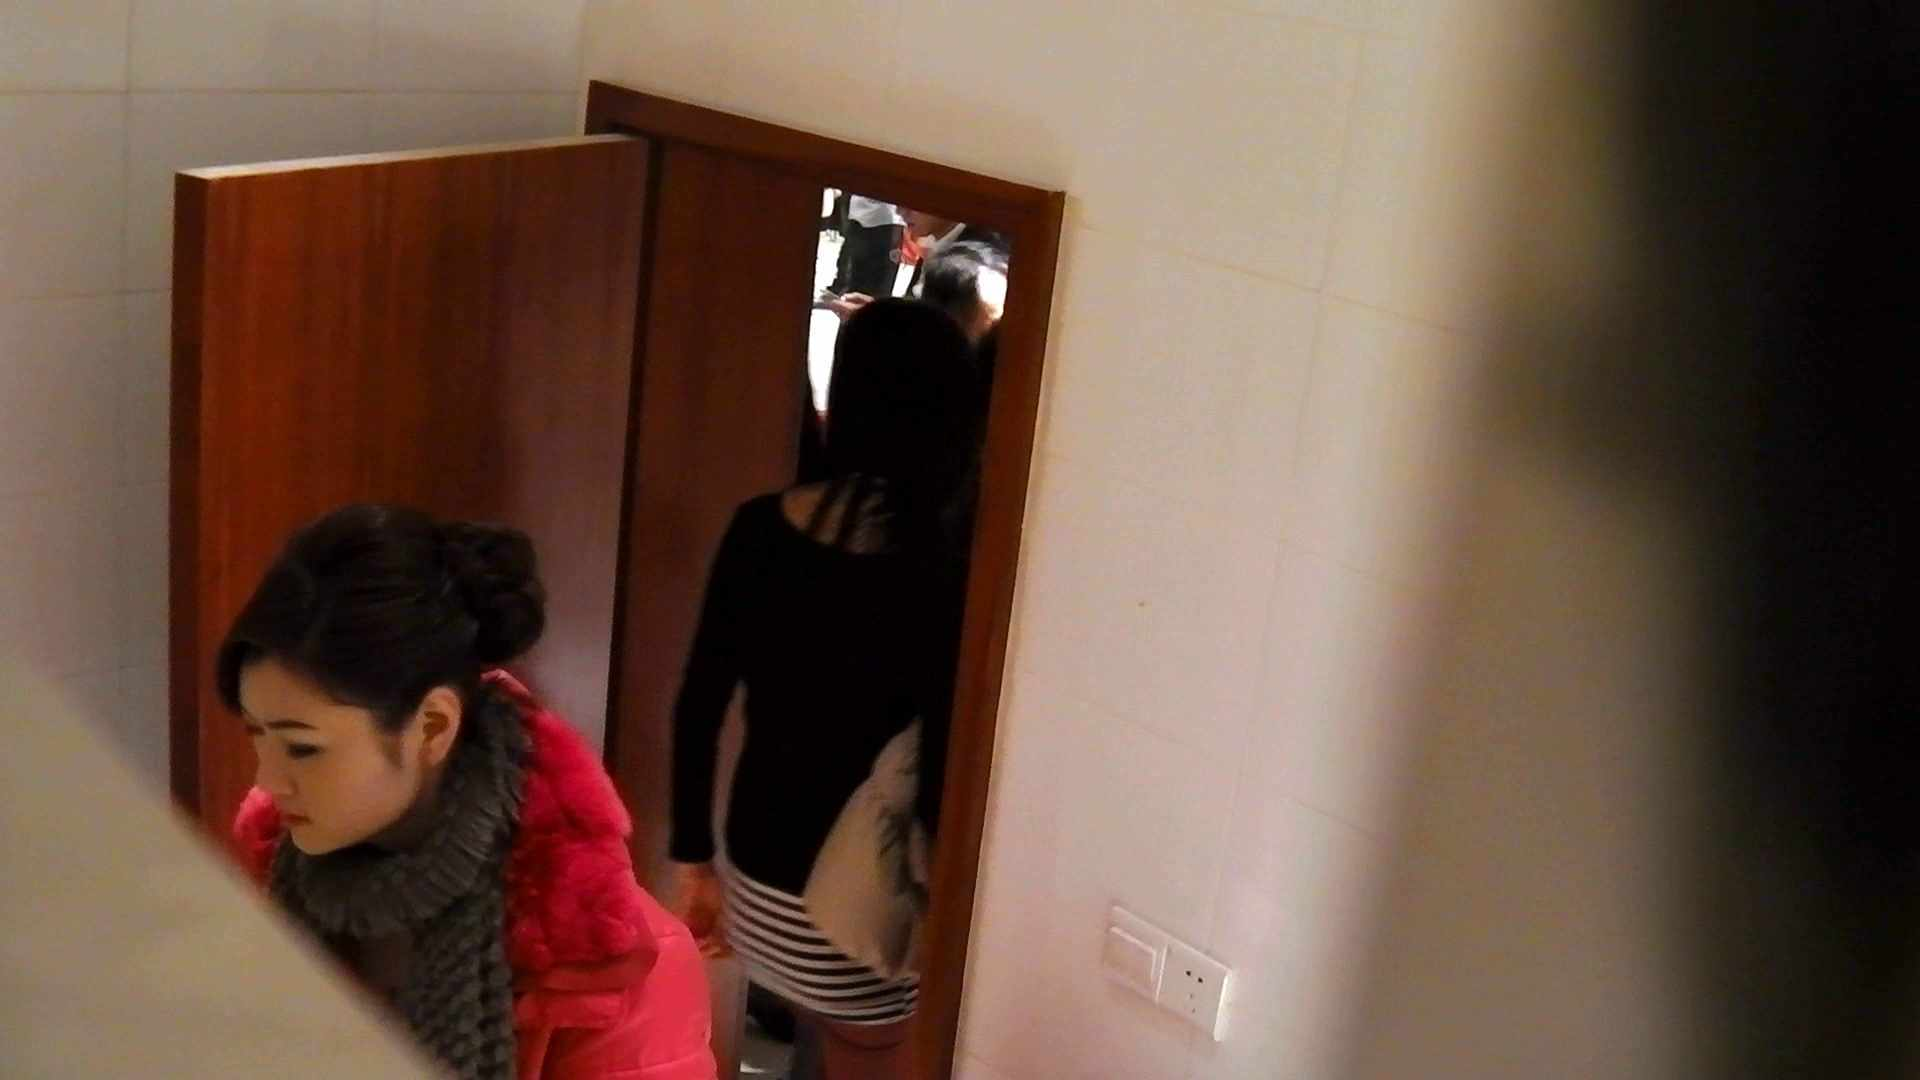 洗寿観音さんの 化粧室は四面楚歌Nol.4 洗面所 | 色っぽいOL達  104pic 61